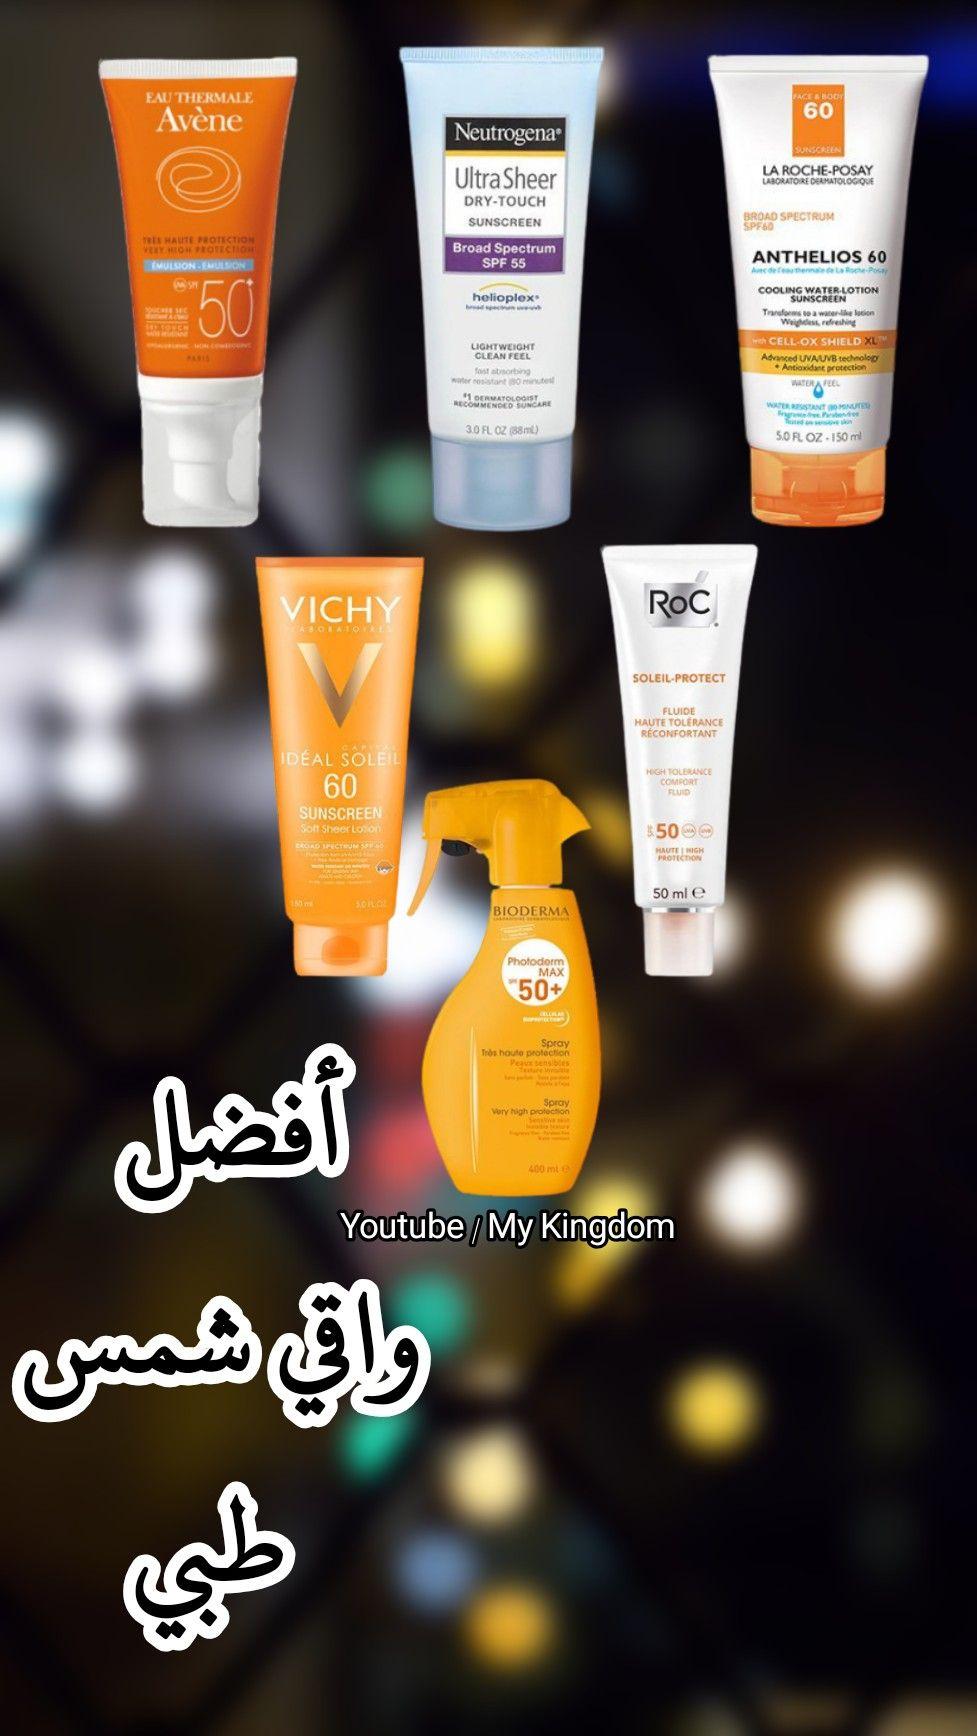 أفضل واقي شمس طبي أضغط على الصورة لمشاهدة الفيديوا أو إضغط Visit Broad Spectrum Sunscreen Shampoo Bottle Vichy